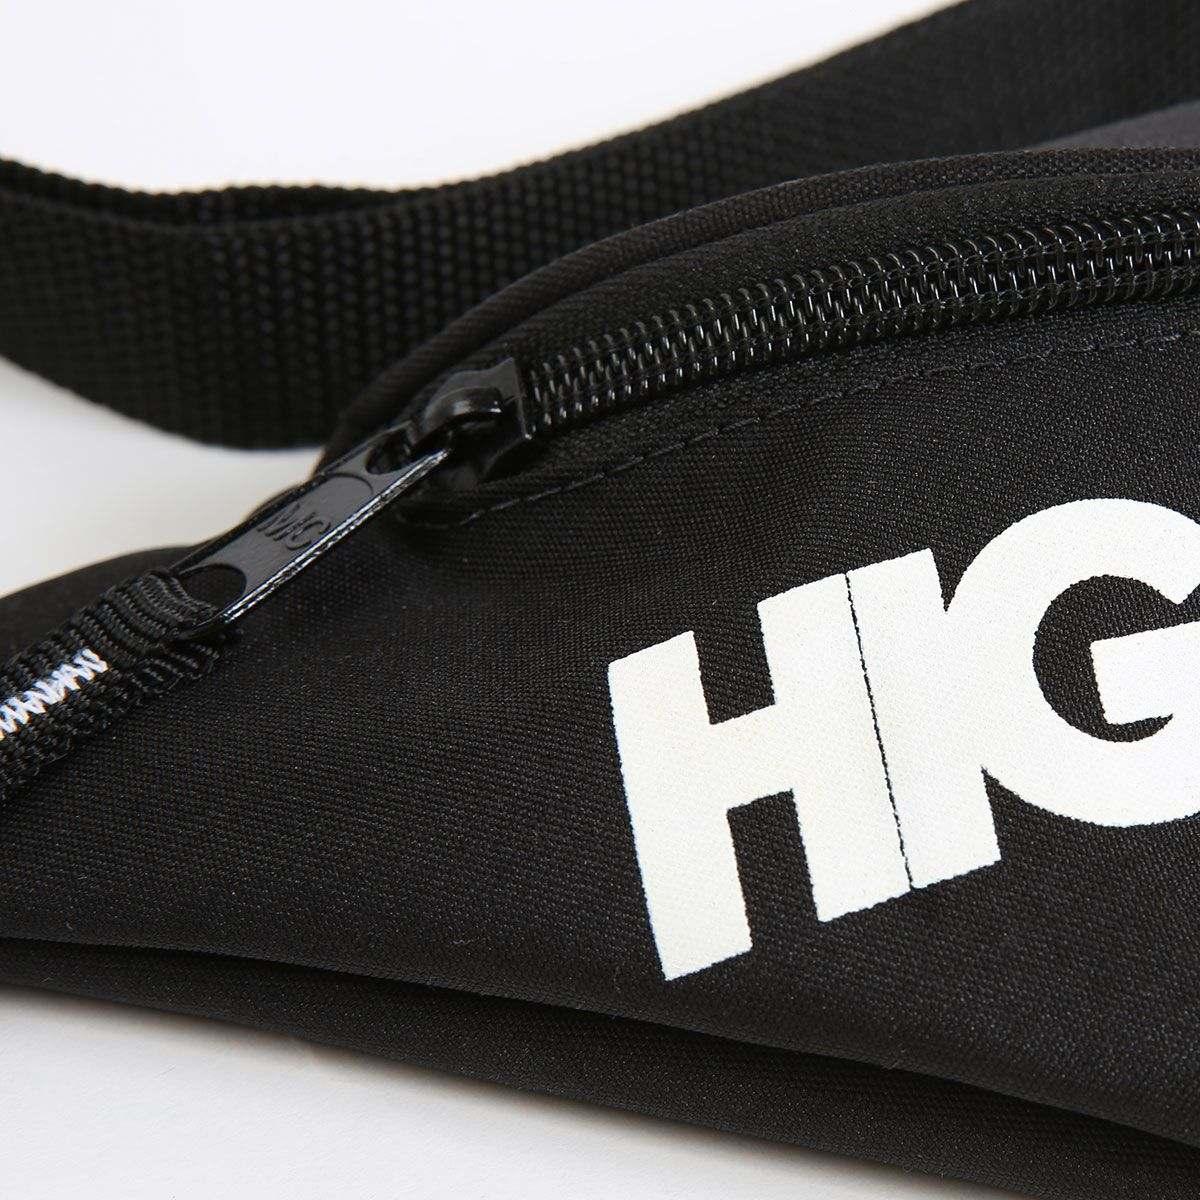 Money Bag Logo Black white - R  149 e61d983a87e